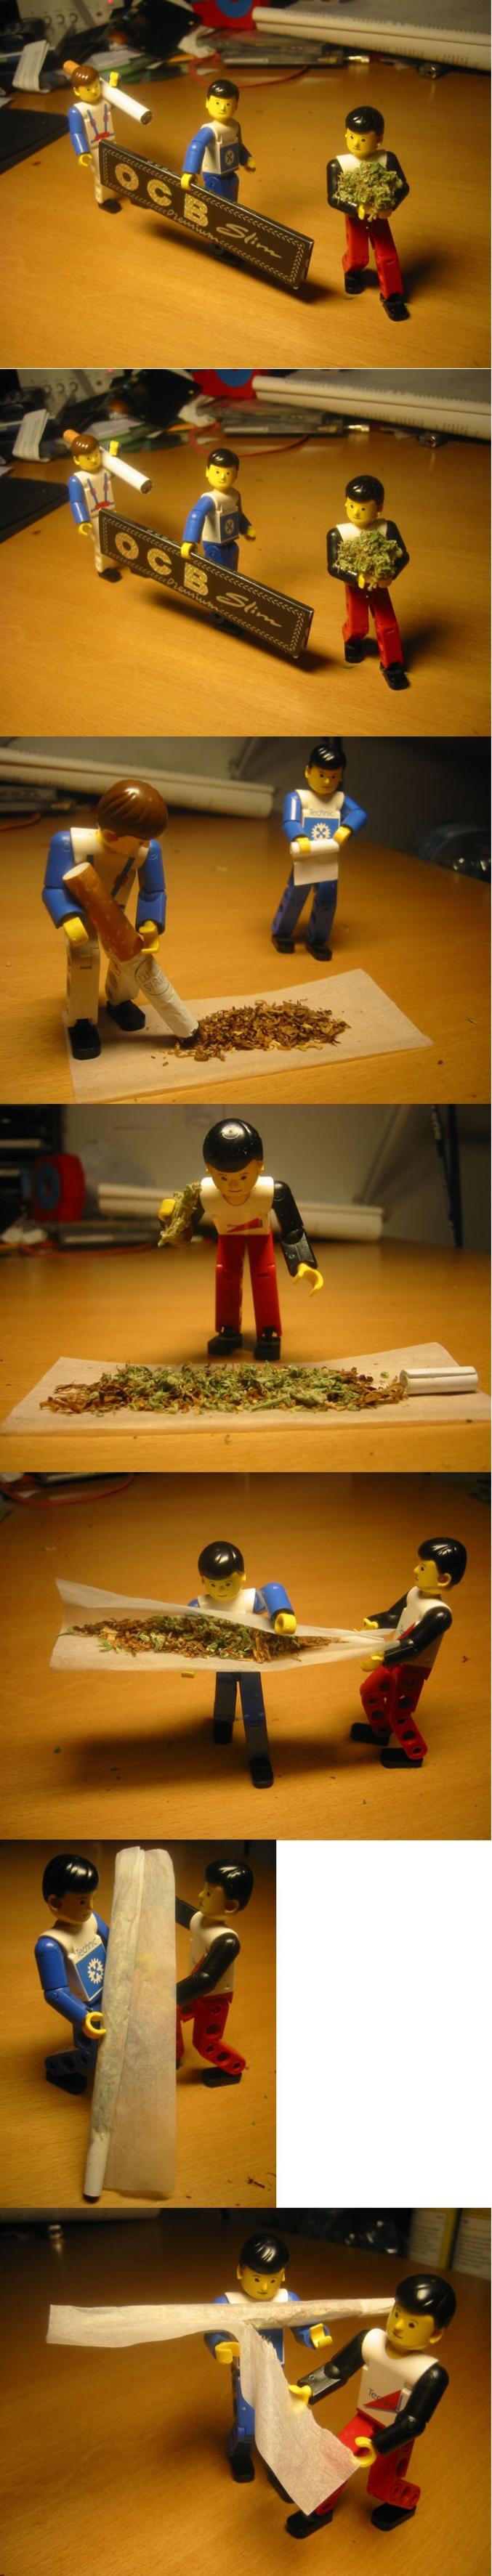 Apprends de nouvelles choses grâce aux Lego Technic